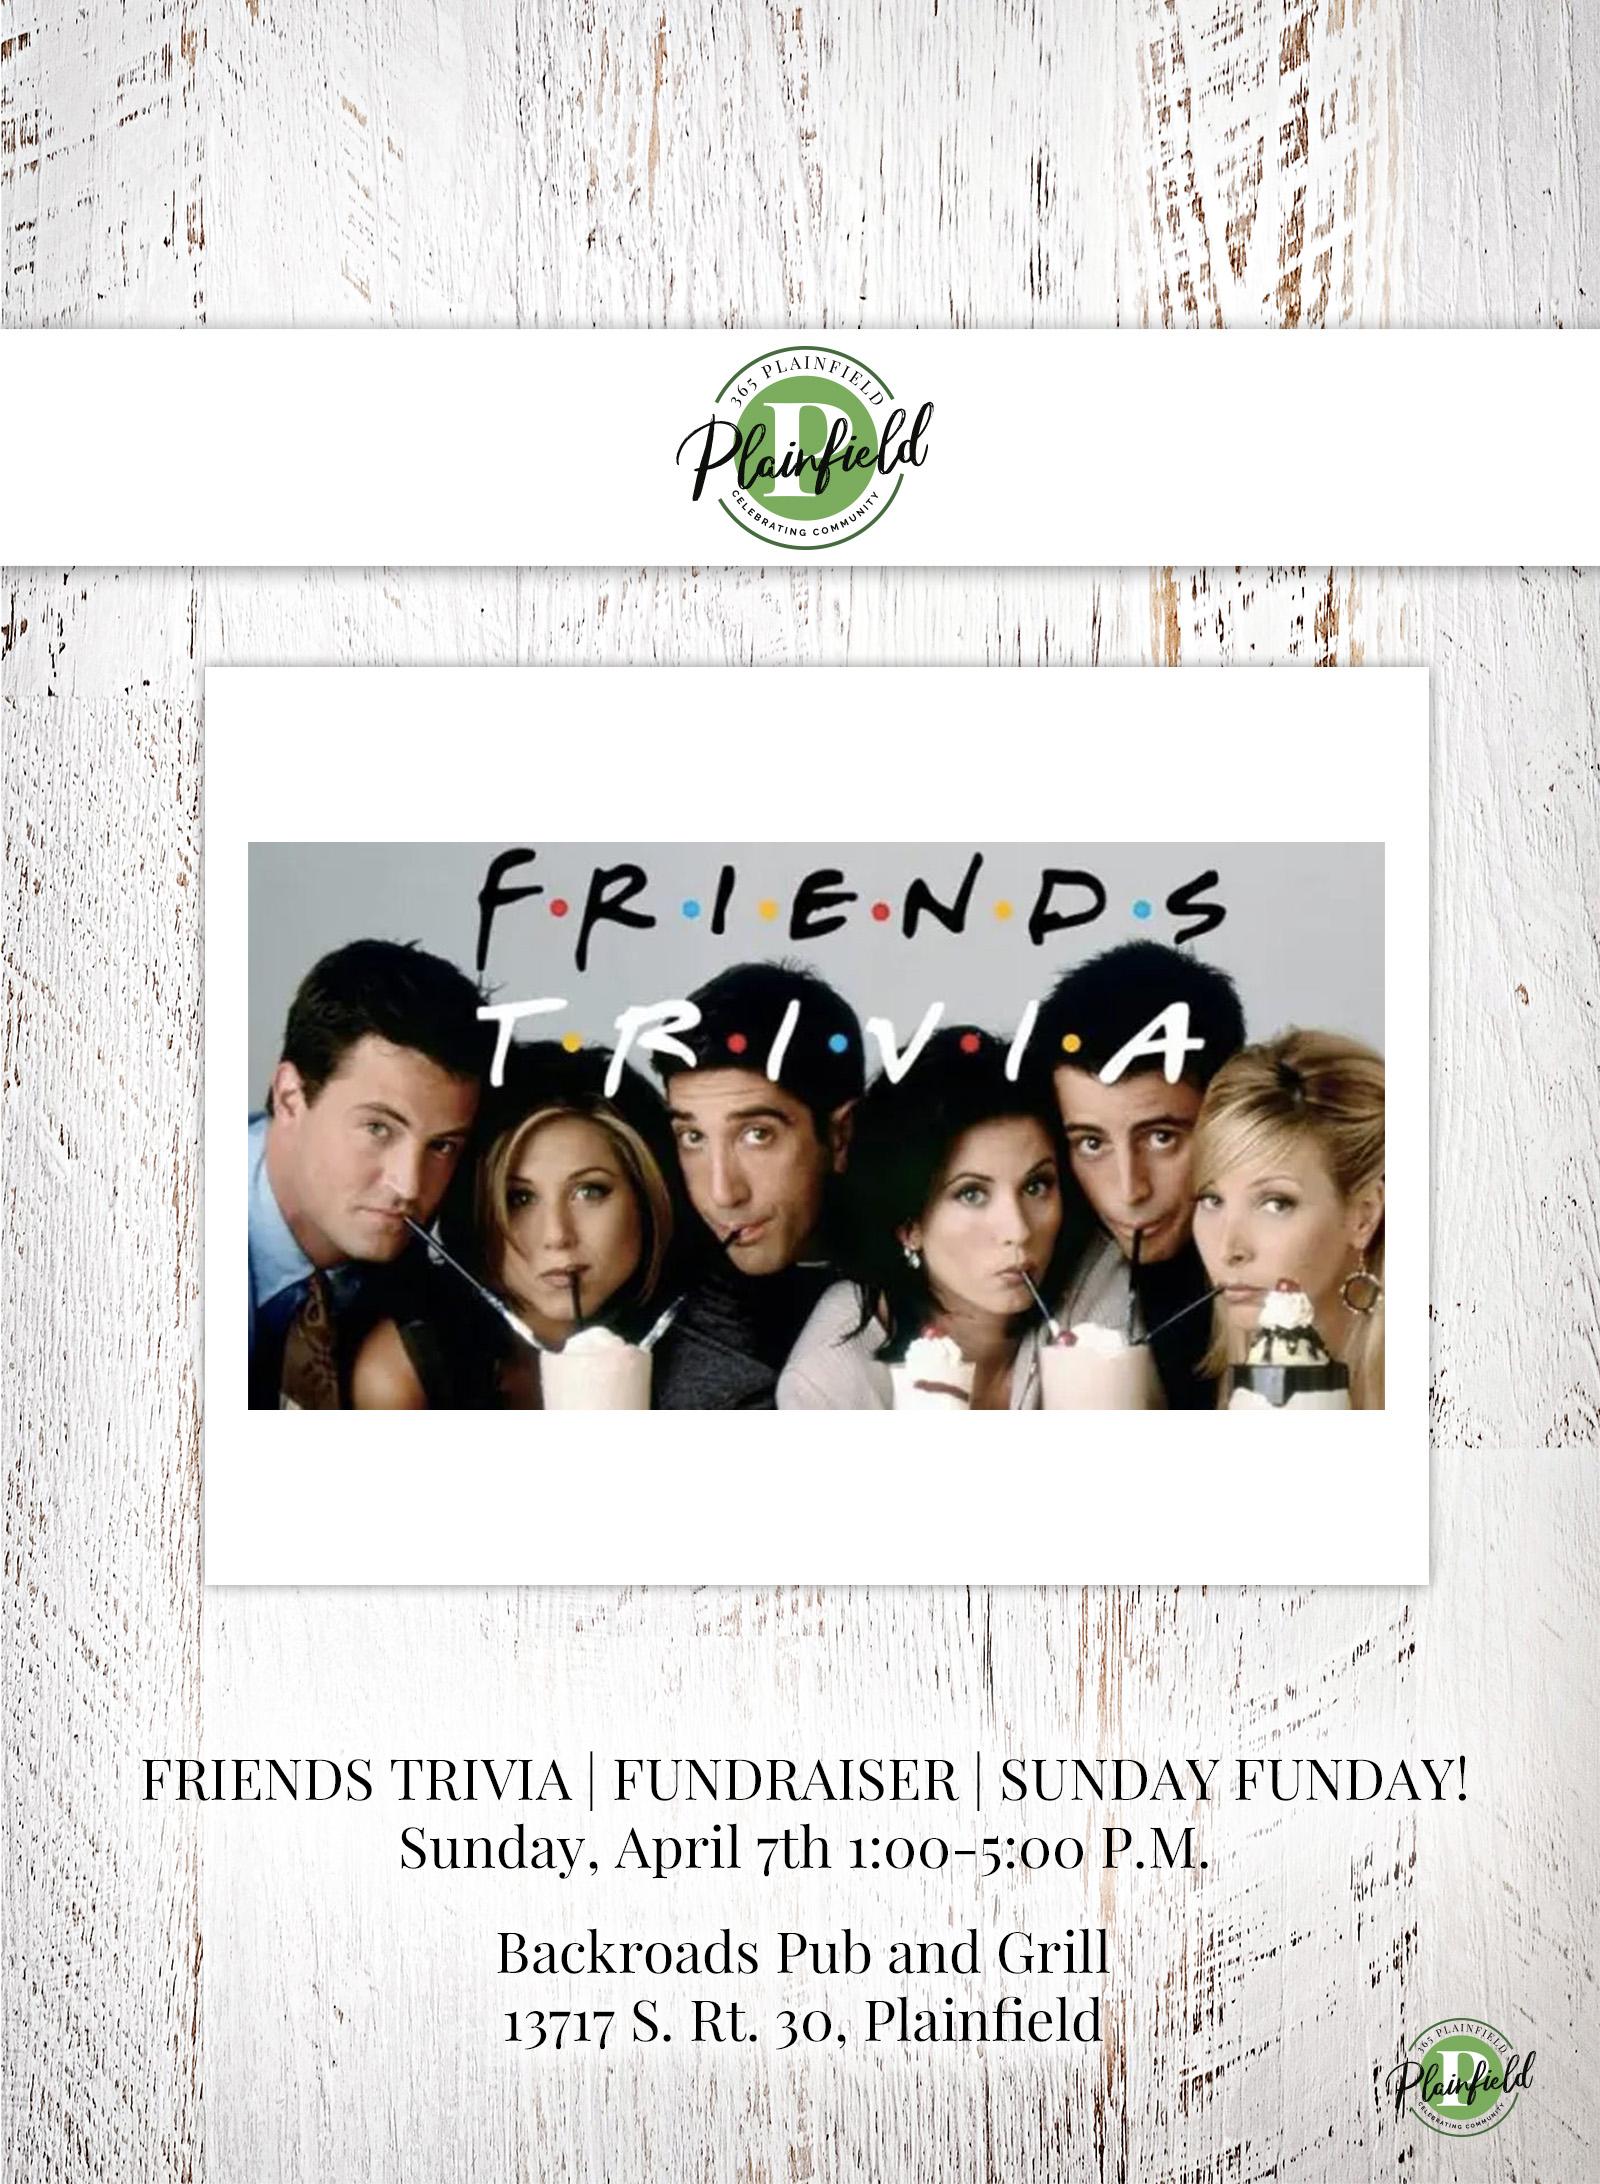 Friends Trivia Fundraiser - 365 Plainfield